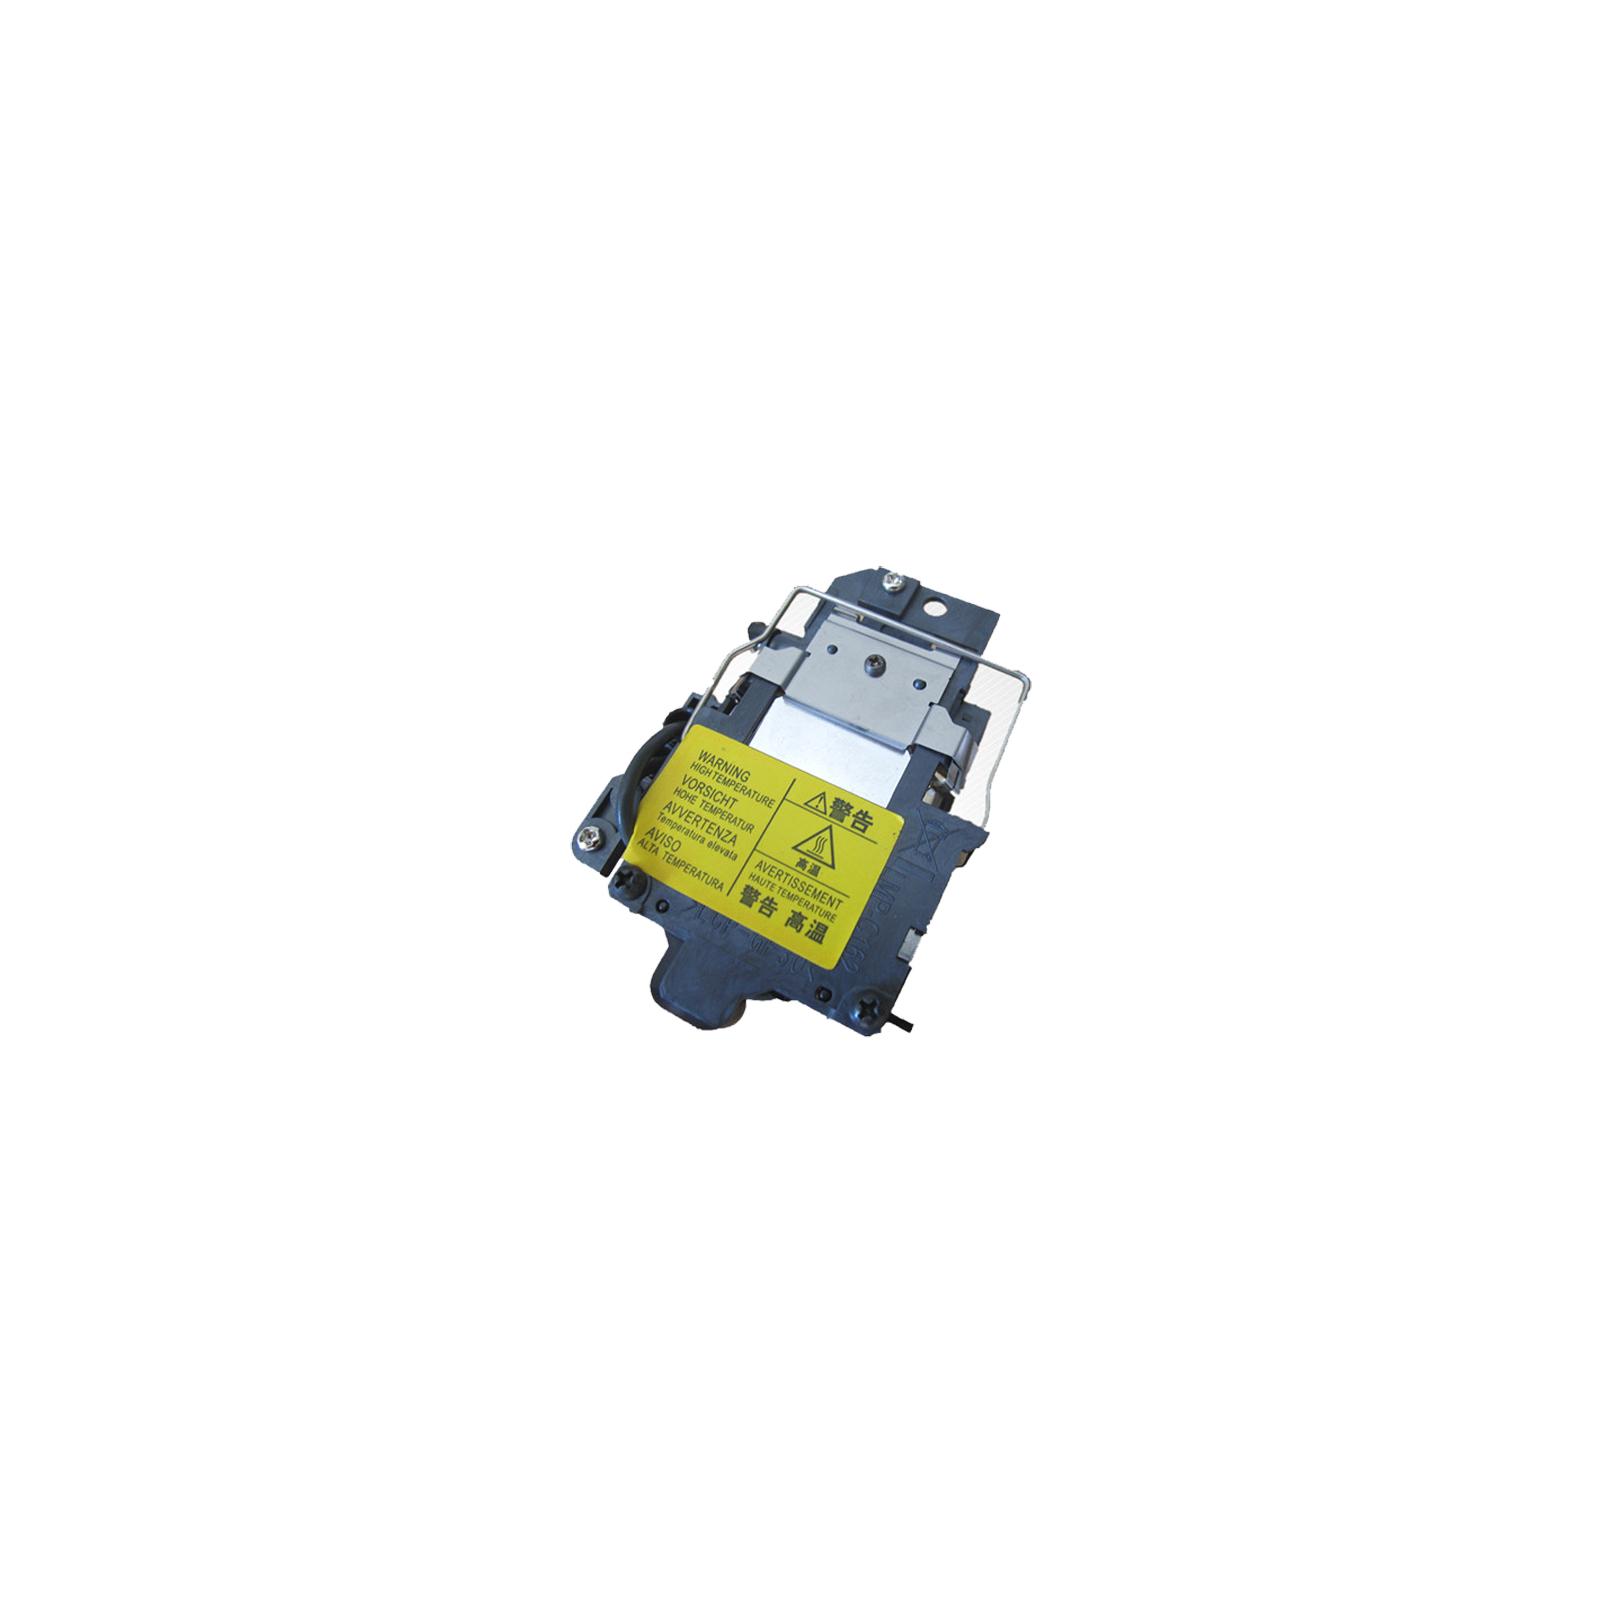 Лампа проектора SONY LMP-C162 (LMPC162) изображение 2